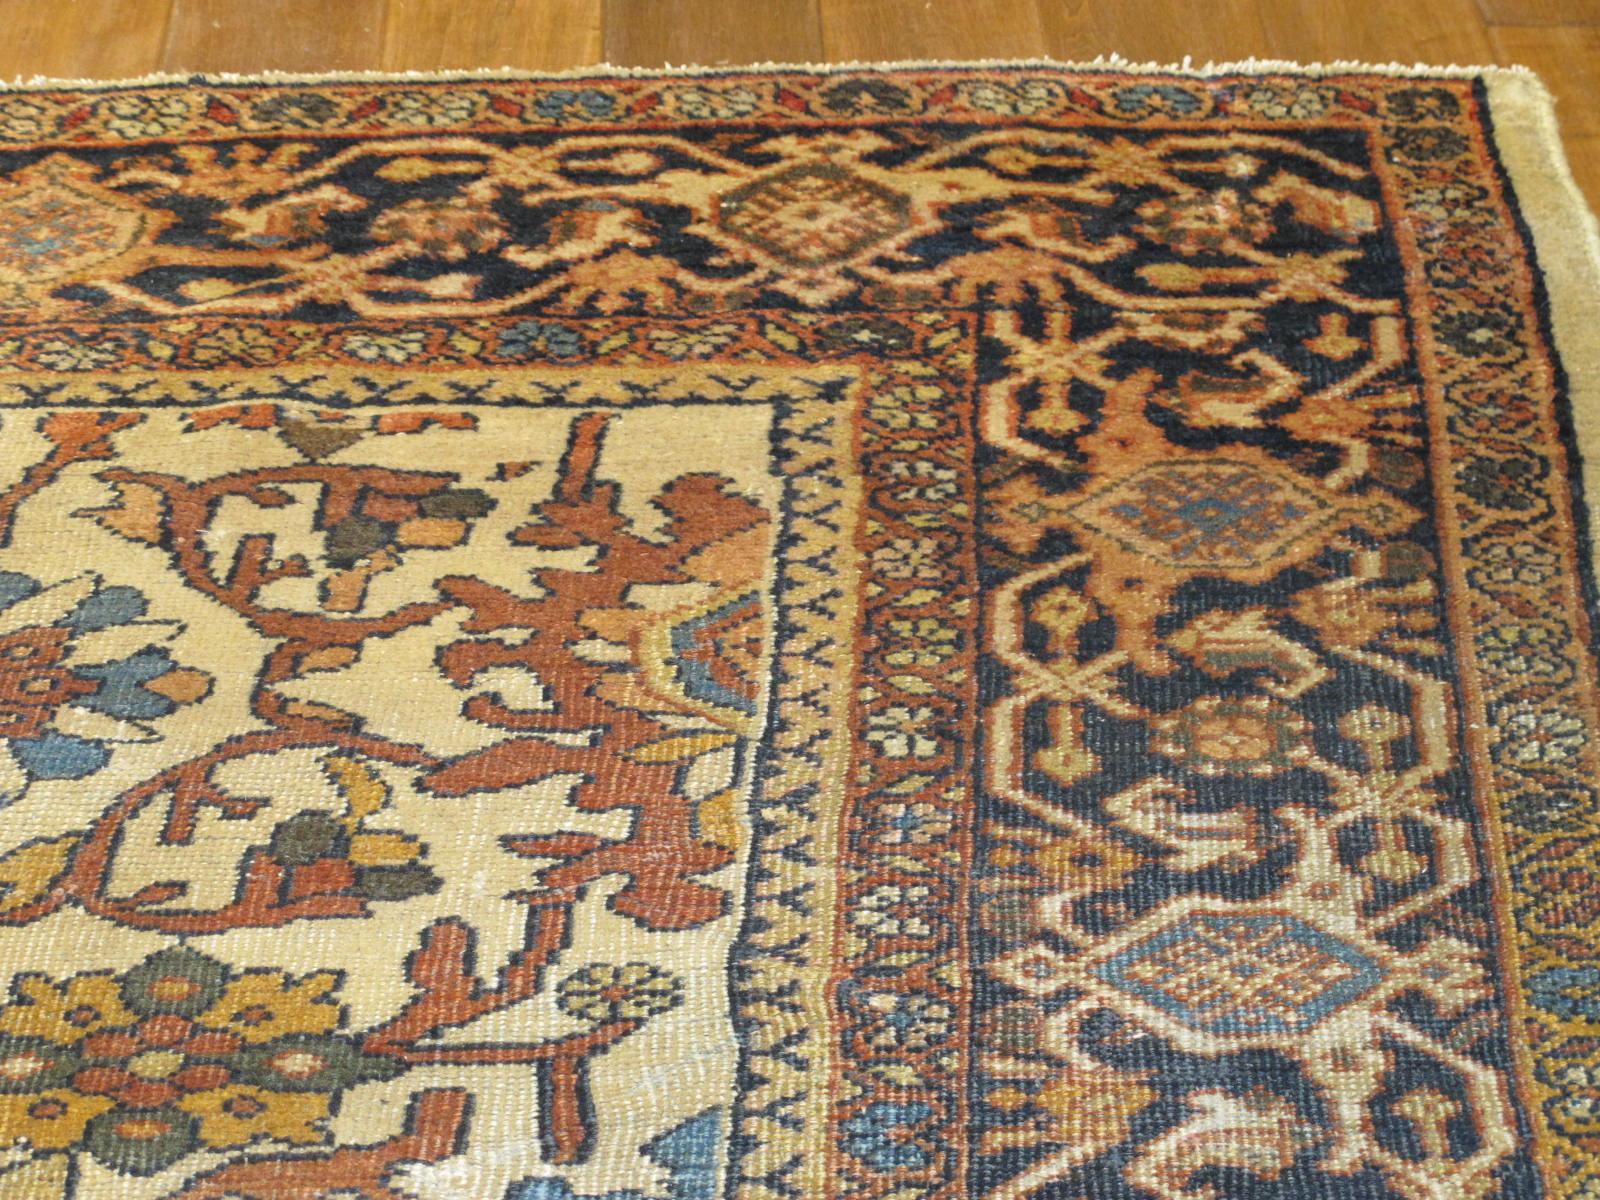 21432 antique persian mahal rug 8,9x12,4 (3)